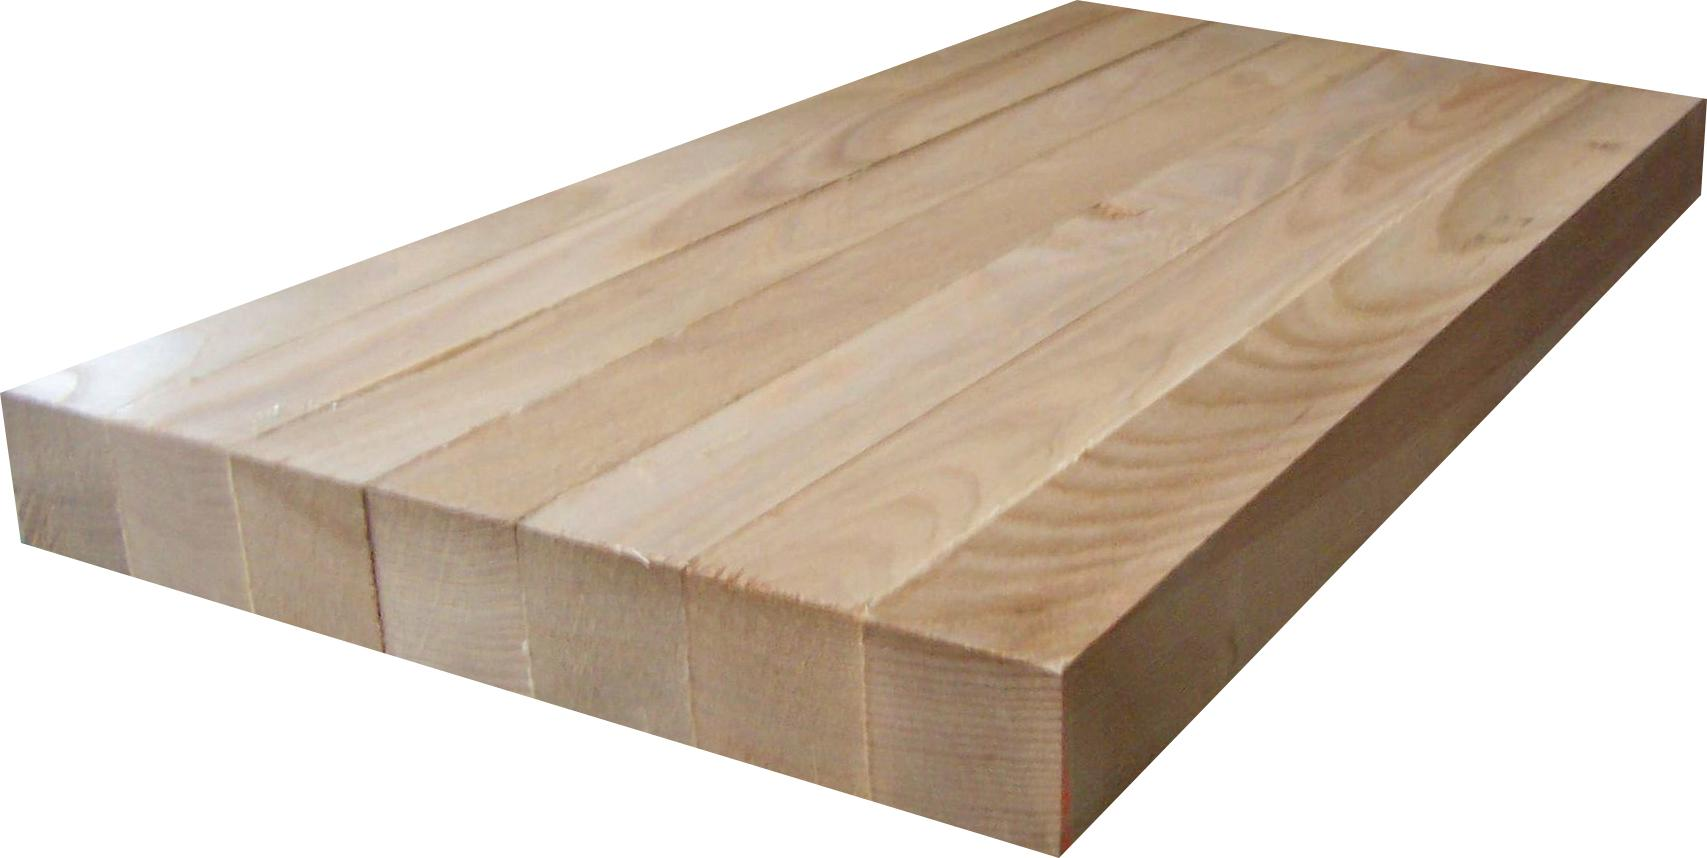 Maderas duras europa norteam rica fresno blanco europa - Tableros de madera maciza para mesas ...